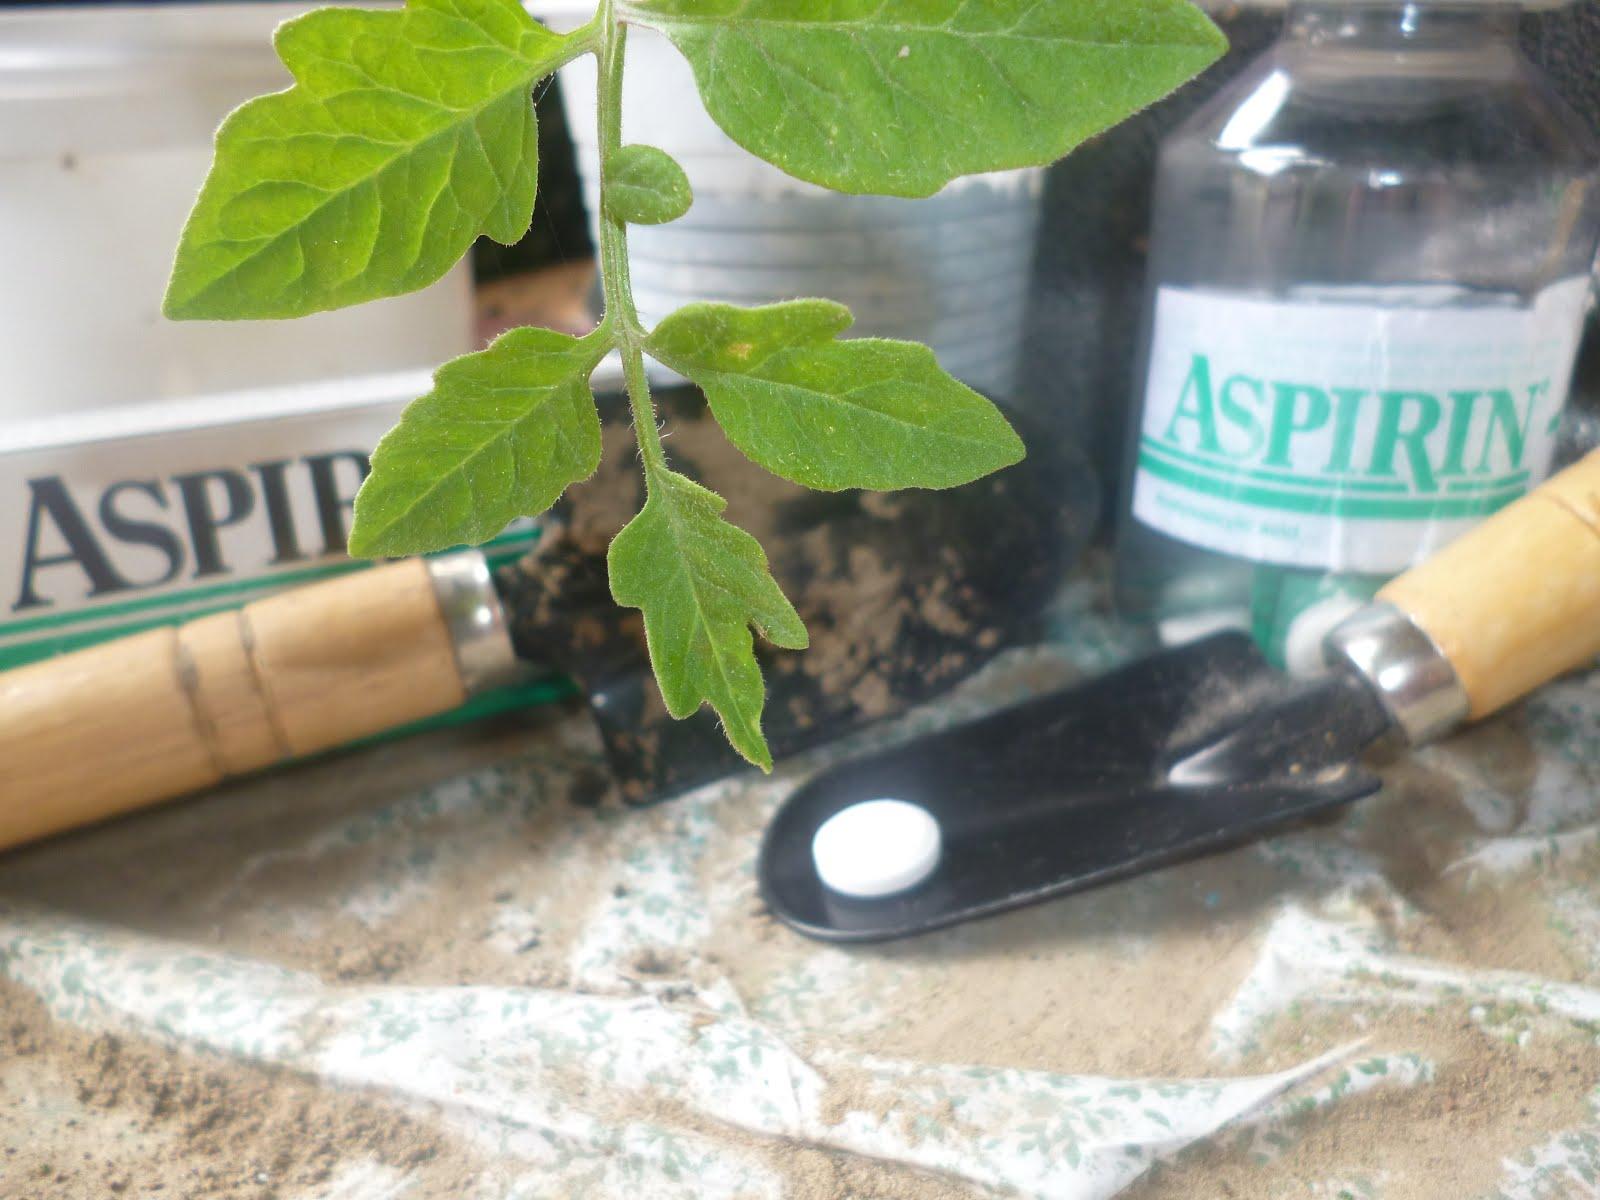 Ασπιρίνη στα φυτά